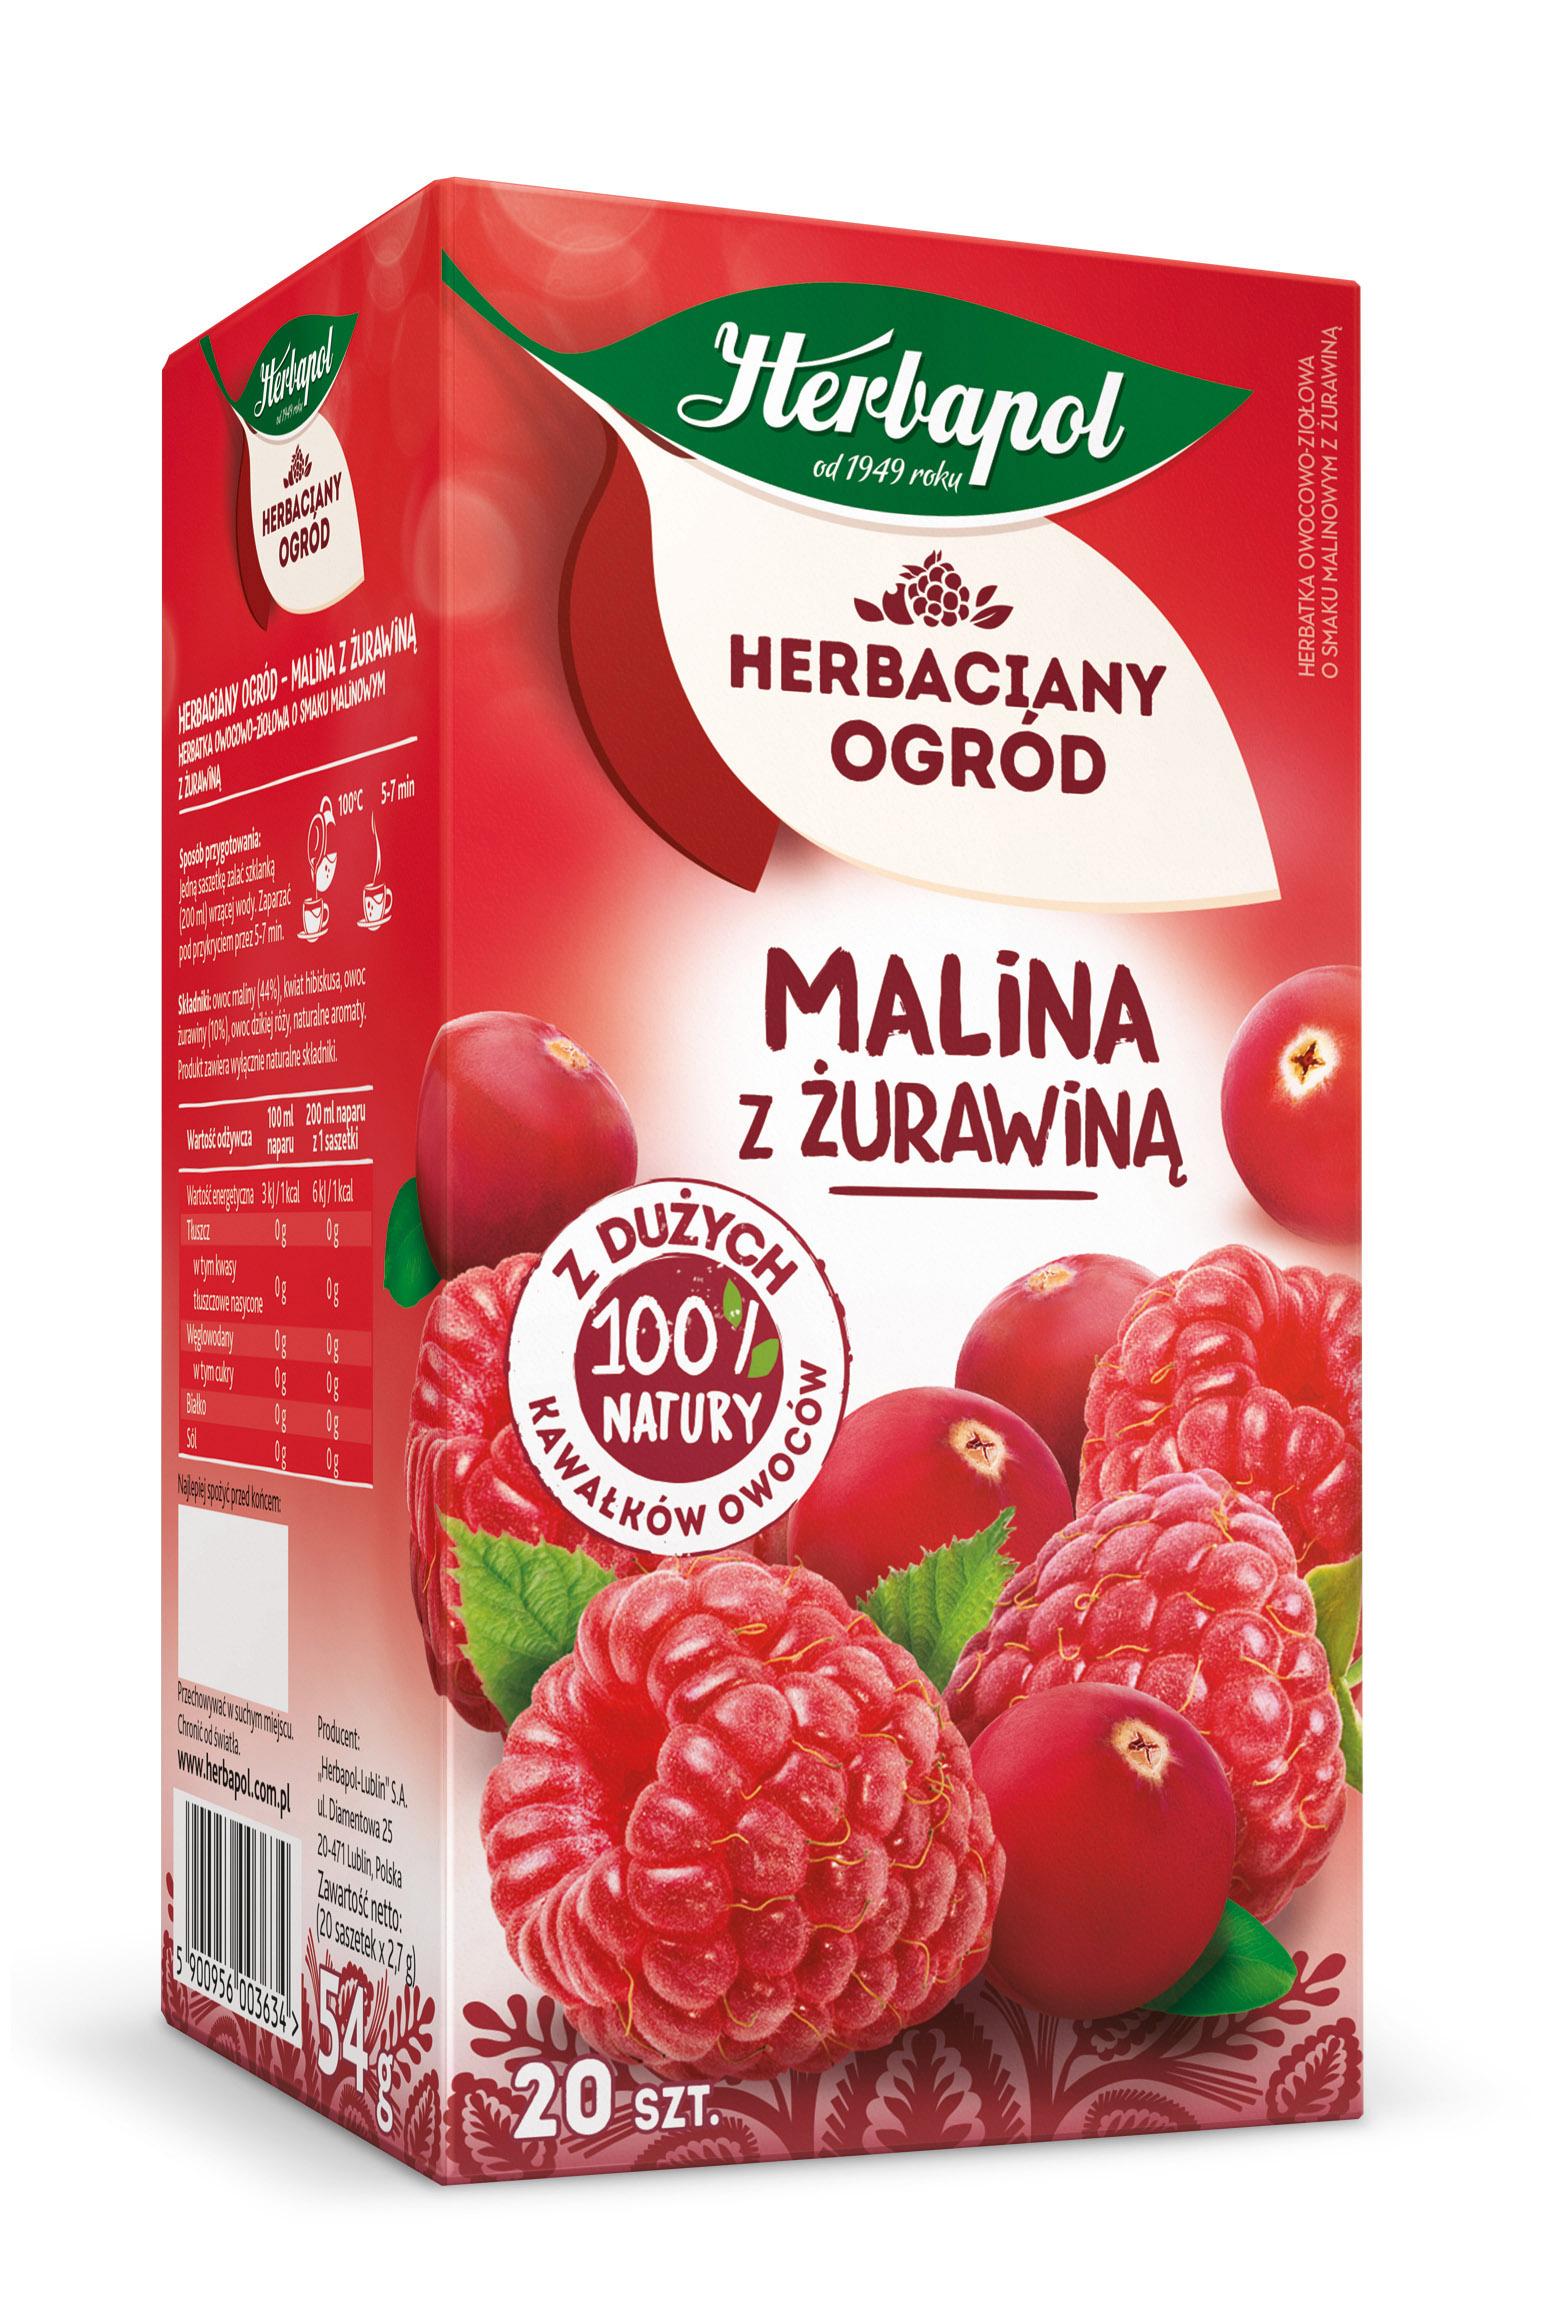 Herbatka owocowo-ziołowa Malina z żurawiną Herbaciany Ogród